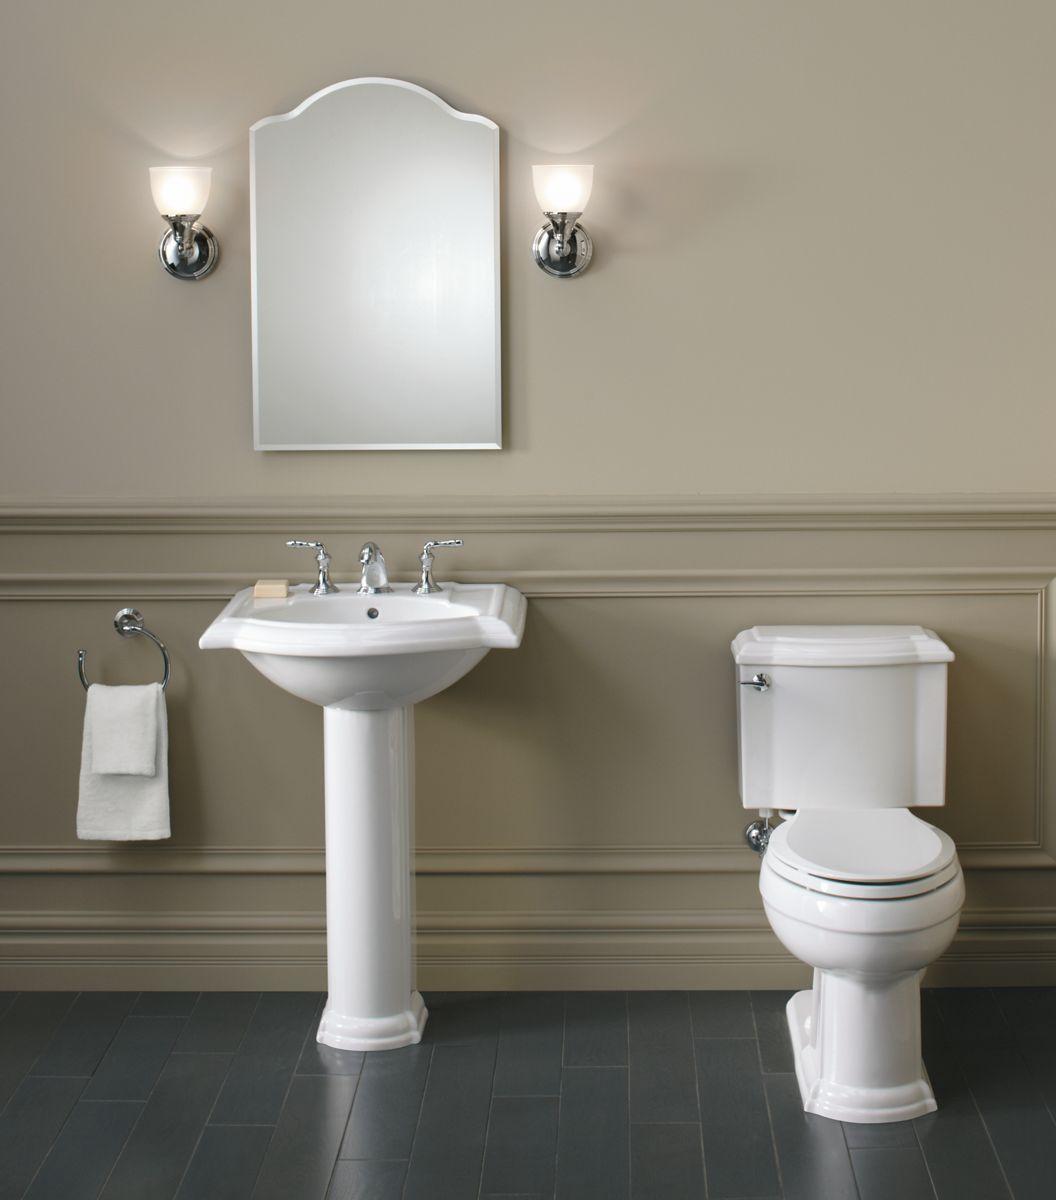 Kohler Bathroom Fixtures. Stunning 30 Bathroom Fixtures ...